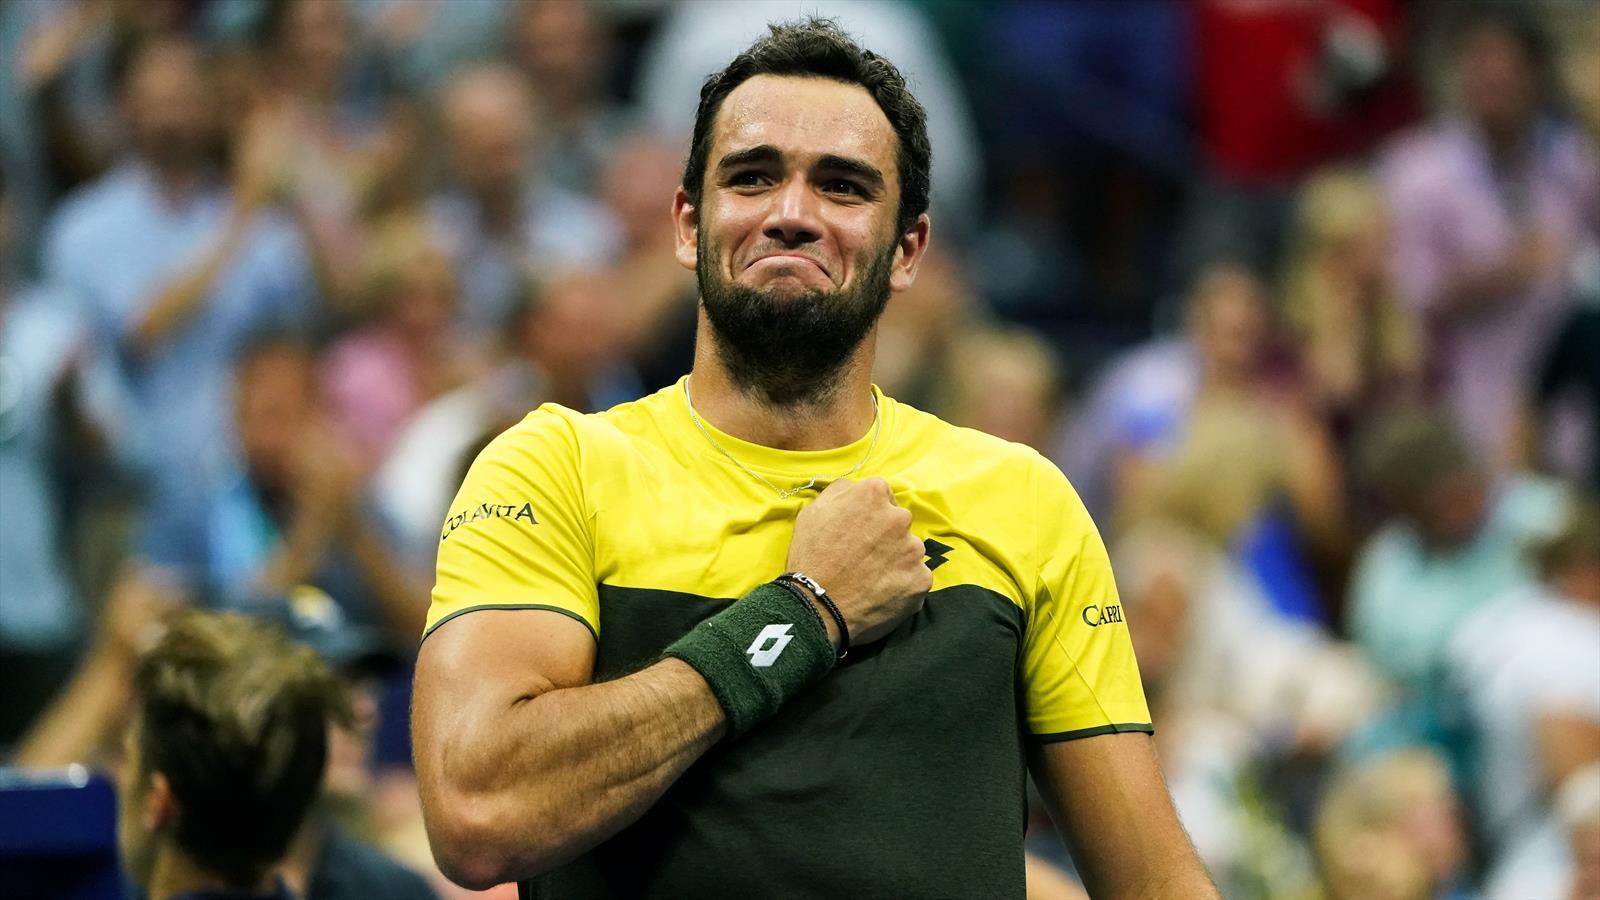 Ranking ATP: Nadal avvicina Djokovic, Berrettini balza in 13a ...